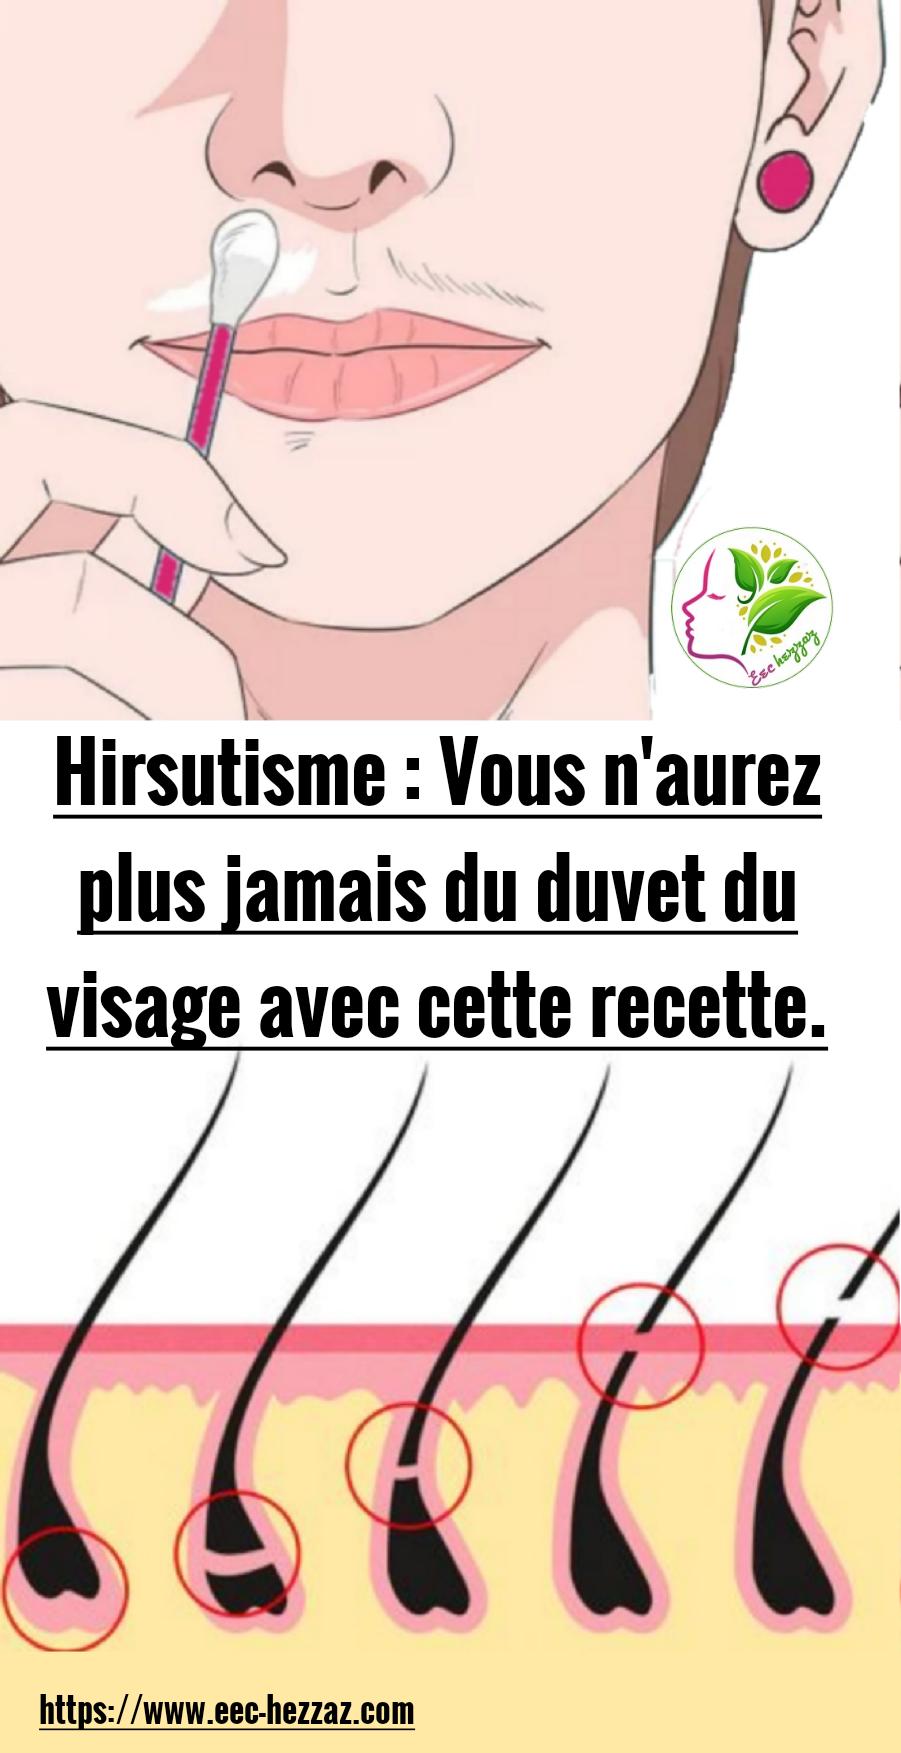 Hirsutisme : Vous n'aurez plus jamais du duvet du visage avec cette recette.